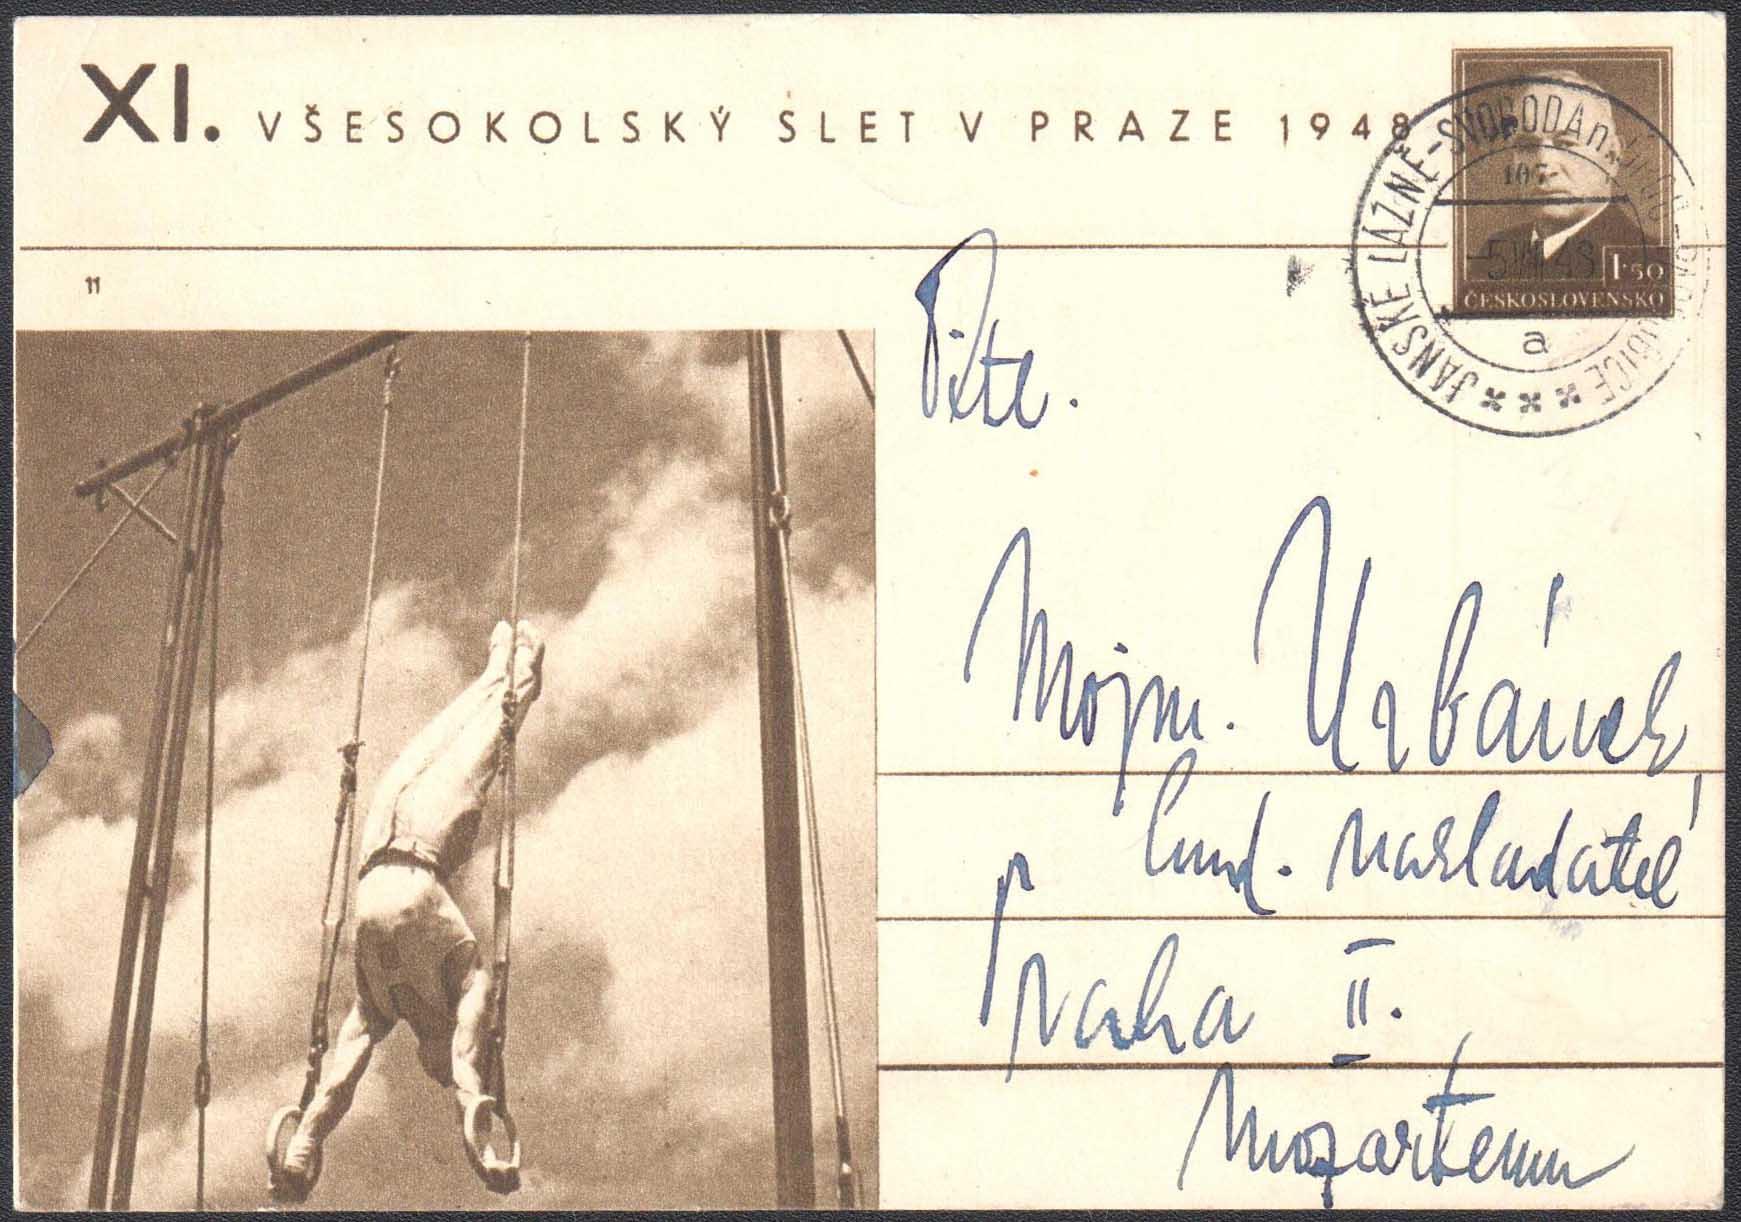 �ESKOSLOVENSKO 1948 - XI. V�ESOKOLSK� SLET V PRAZE 1948 (CDV 90 �. 11 - Cvi�enie na kruhoch)8